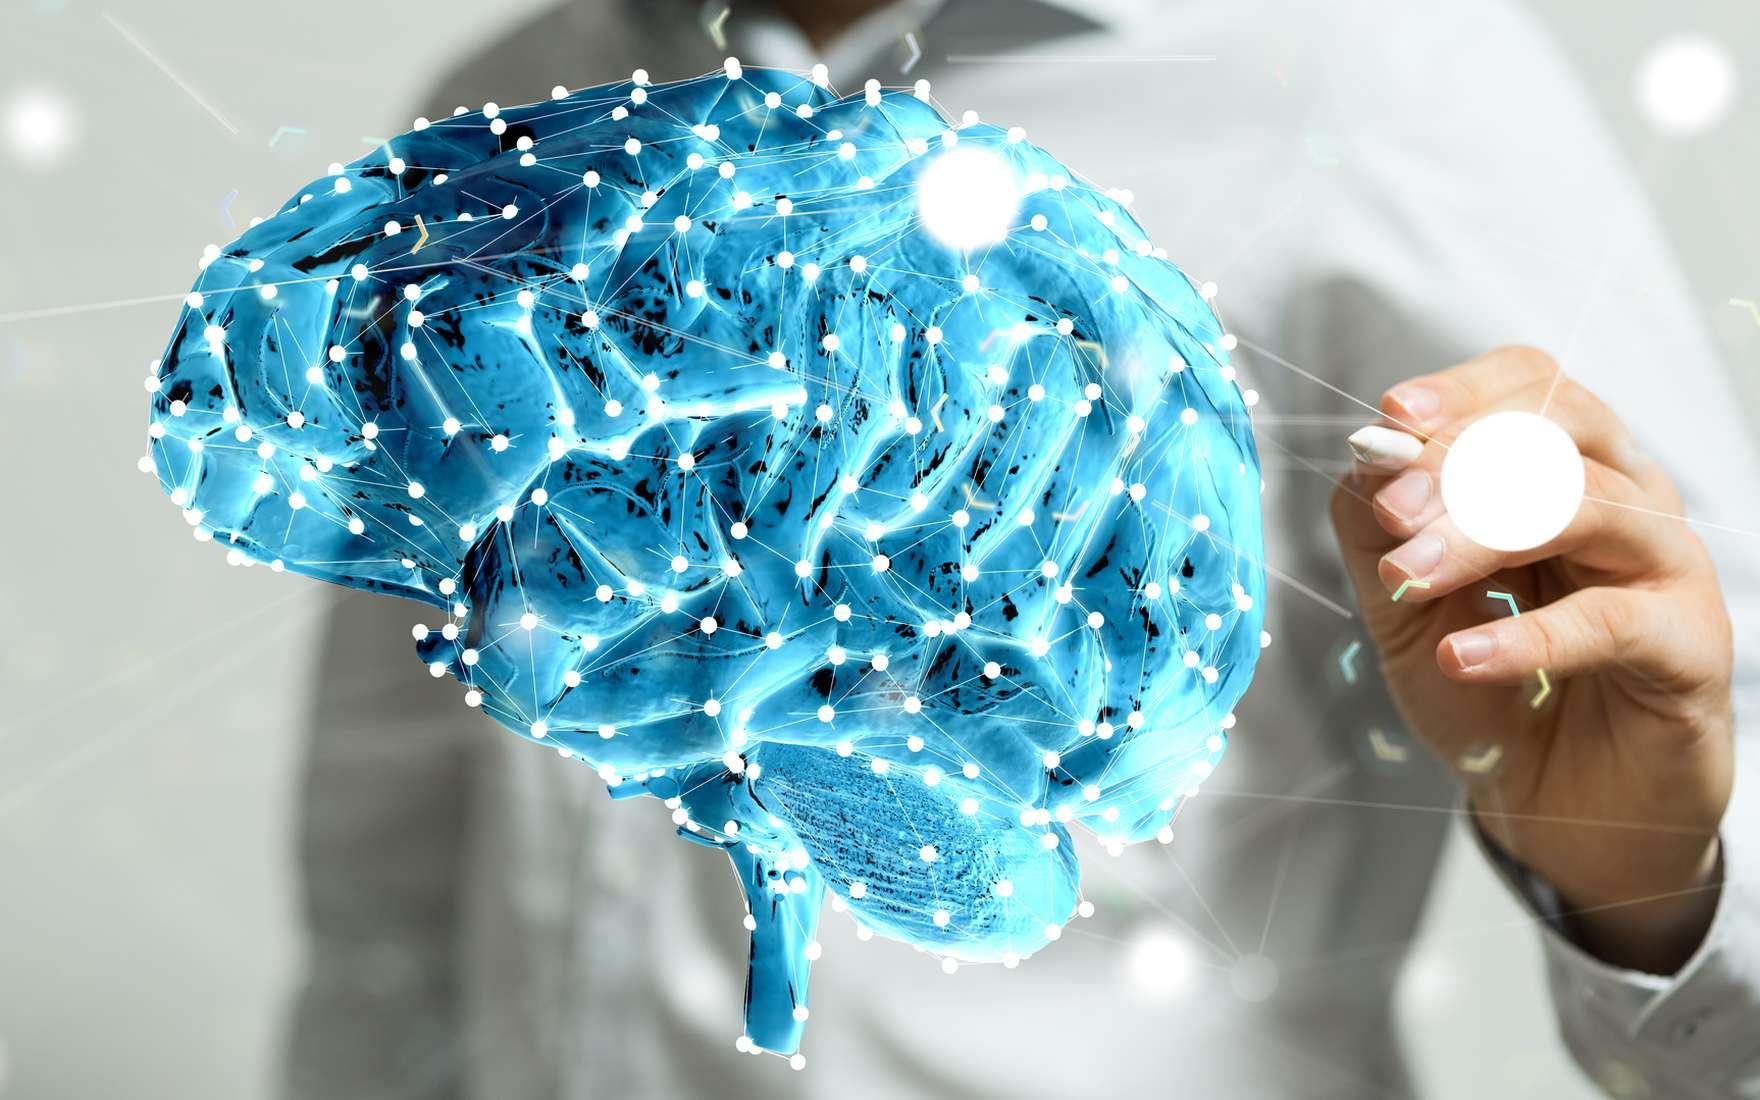 Le cerveau est-il un ordinateur quantique sophistiqué ? © vege, Fotolia